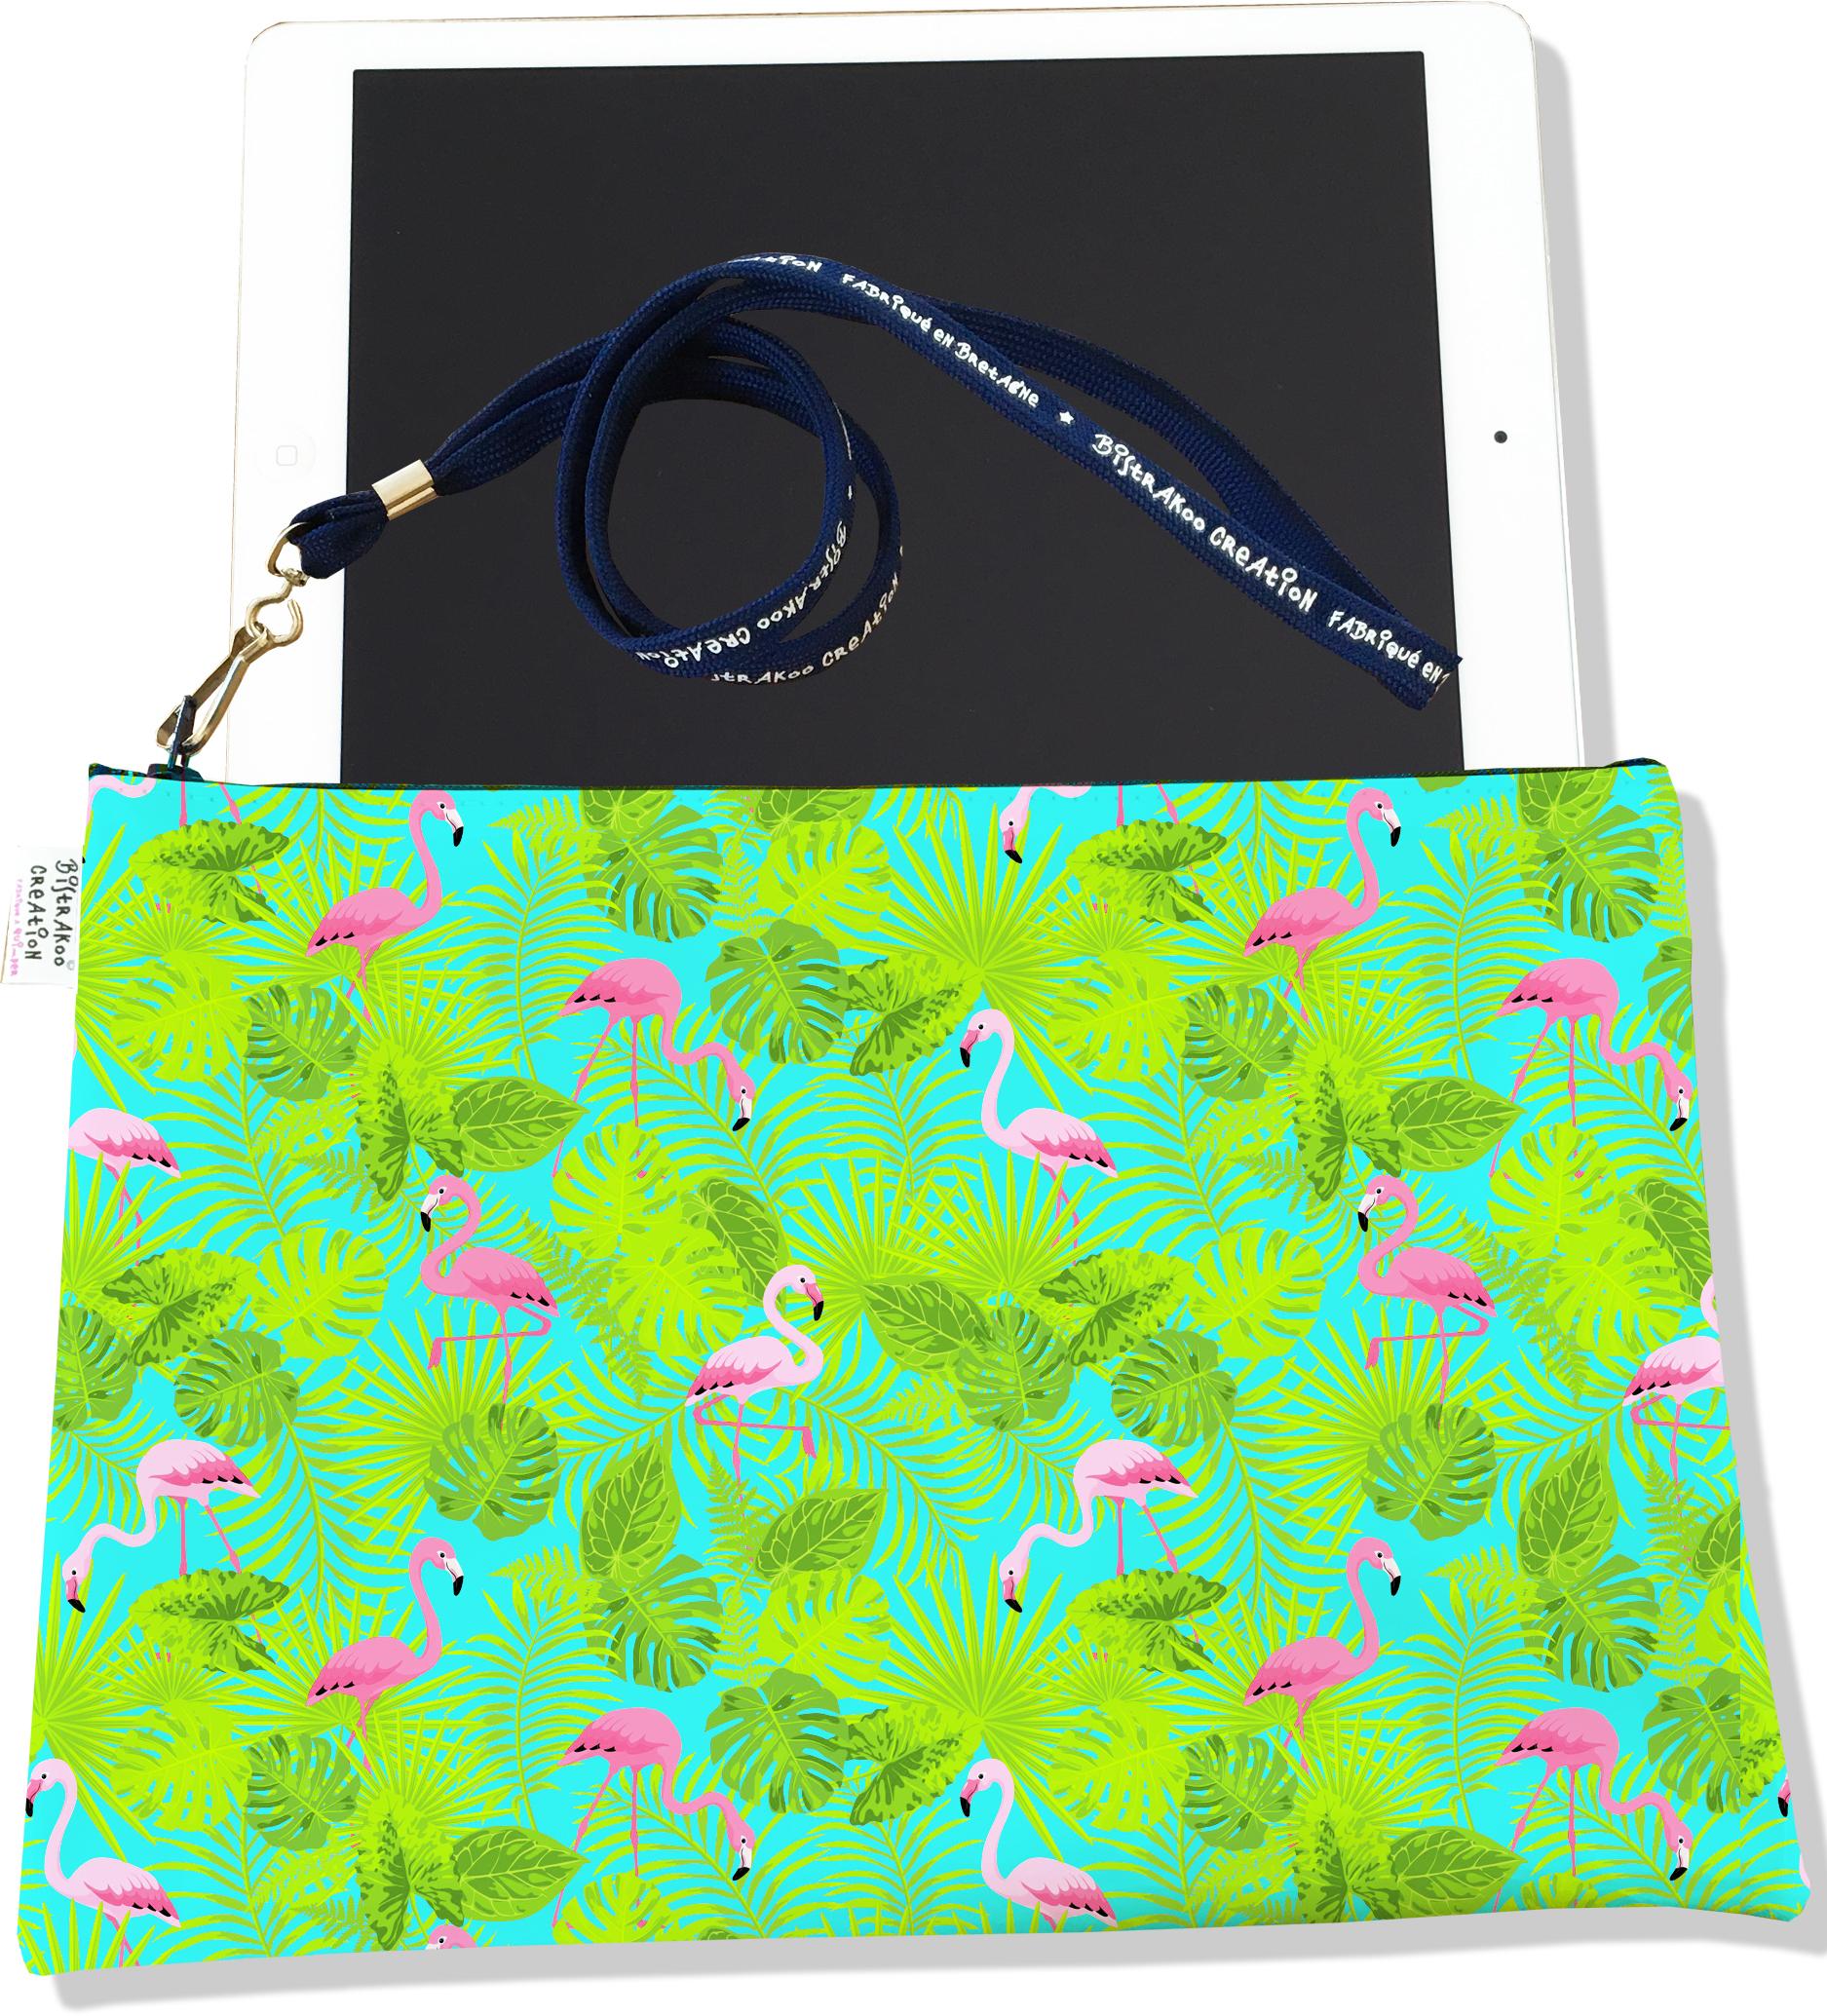 Housse pour tablette pour femme motif Flamants roses feuillage vert fond bleu 3115-2017